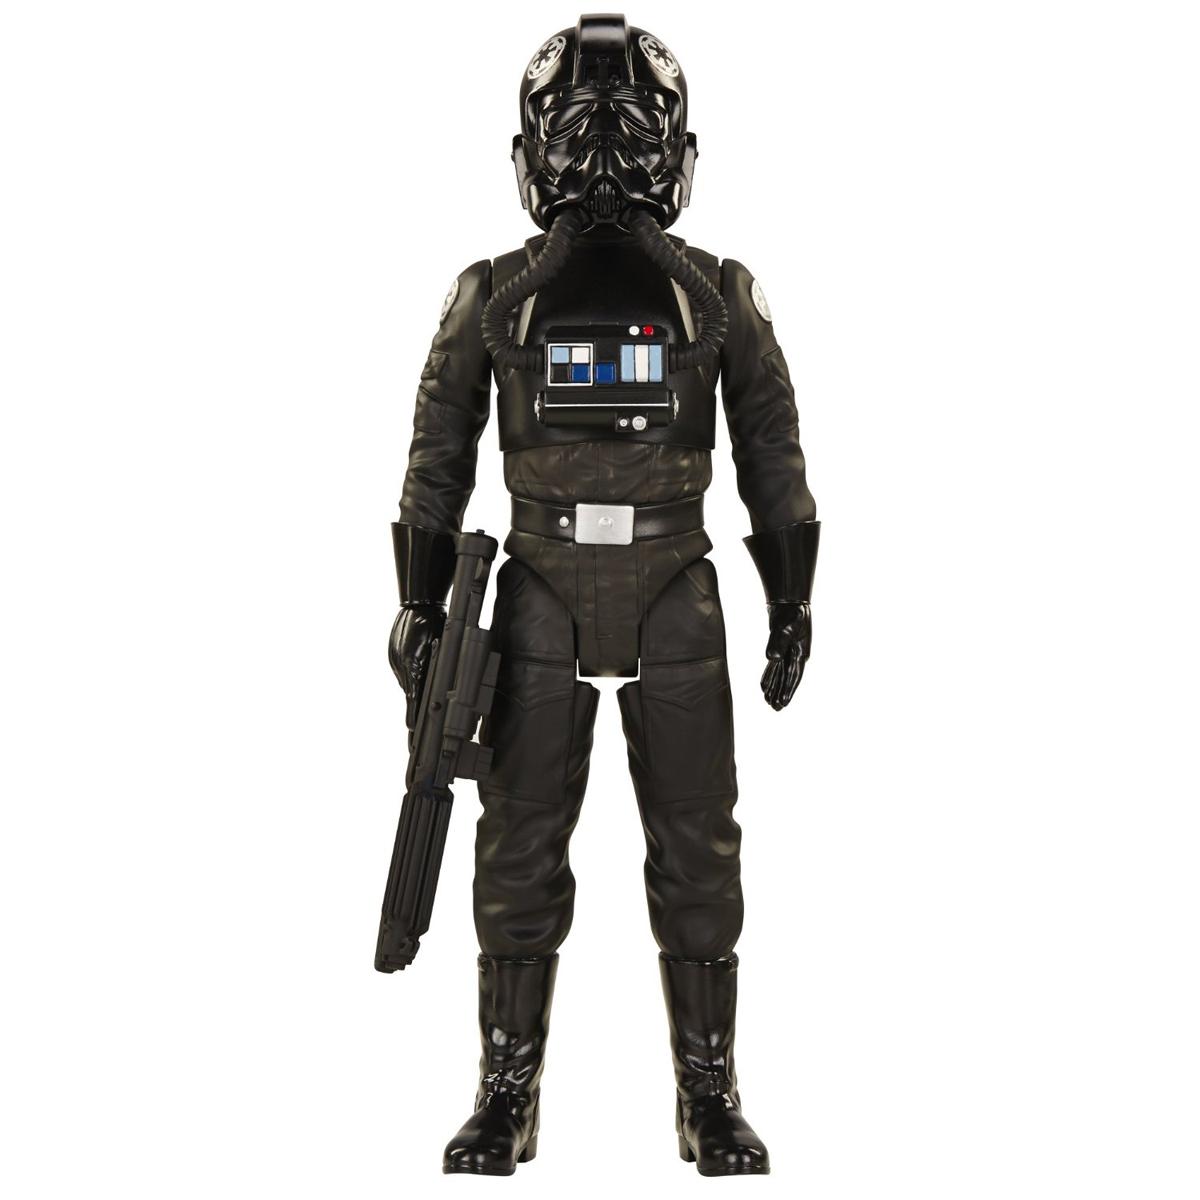 Большая фигурка пилота. Воины Повстанцев  Звёздные воины - Игрушки Star Wars (Звездные воины), артикул: 112695